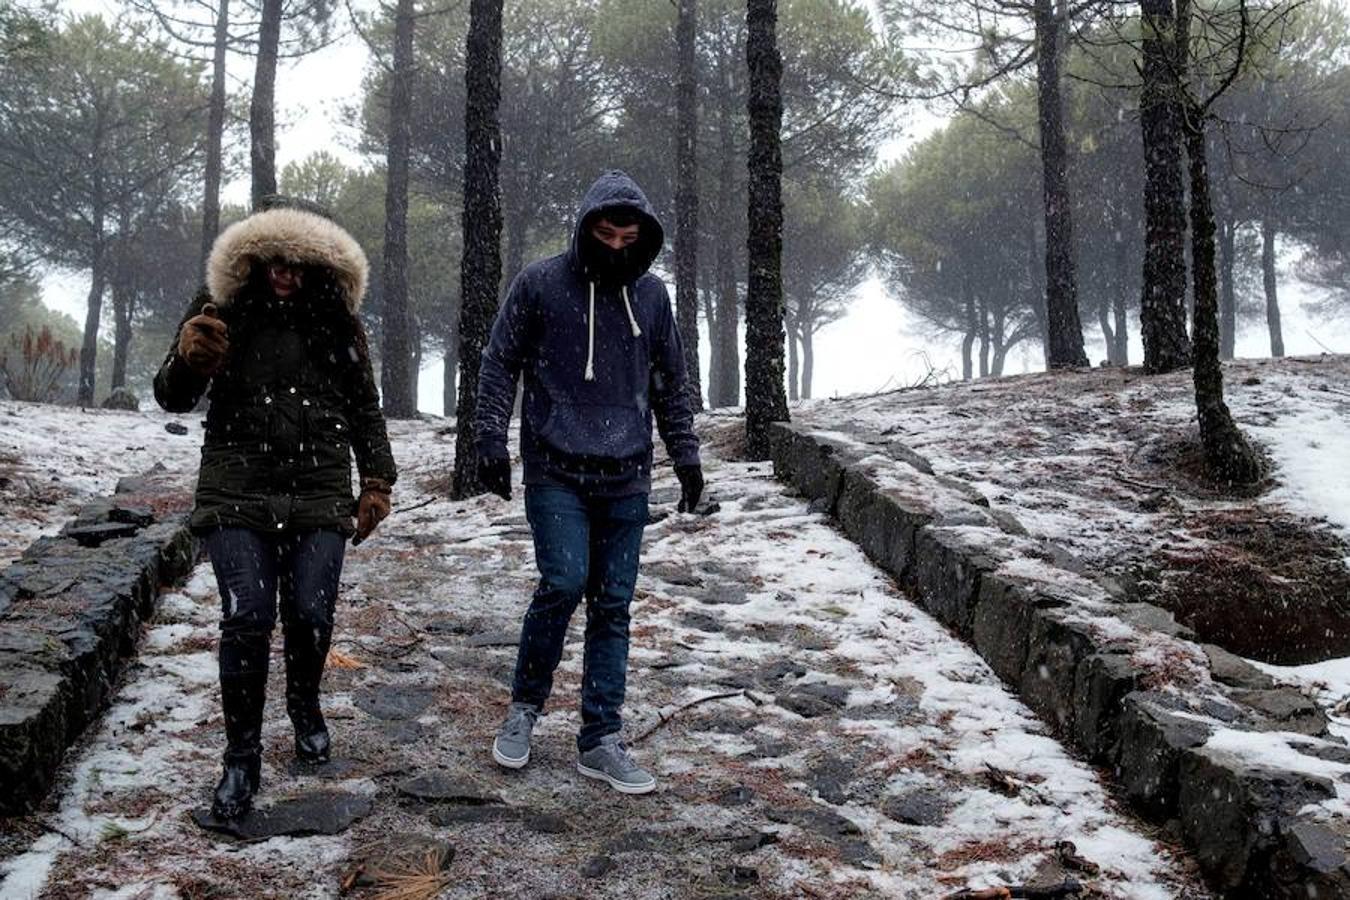 Dos personas caminan bajo precipitaciones en forma de nieve en Tejeda, en la provincia de Las Palmas de Gran Canaria.